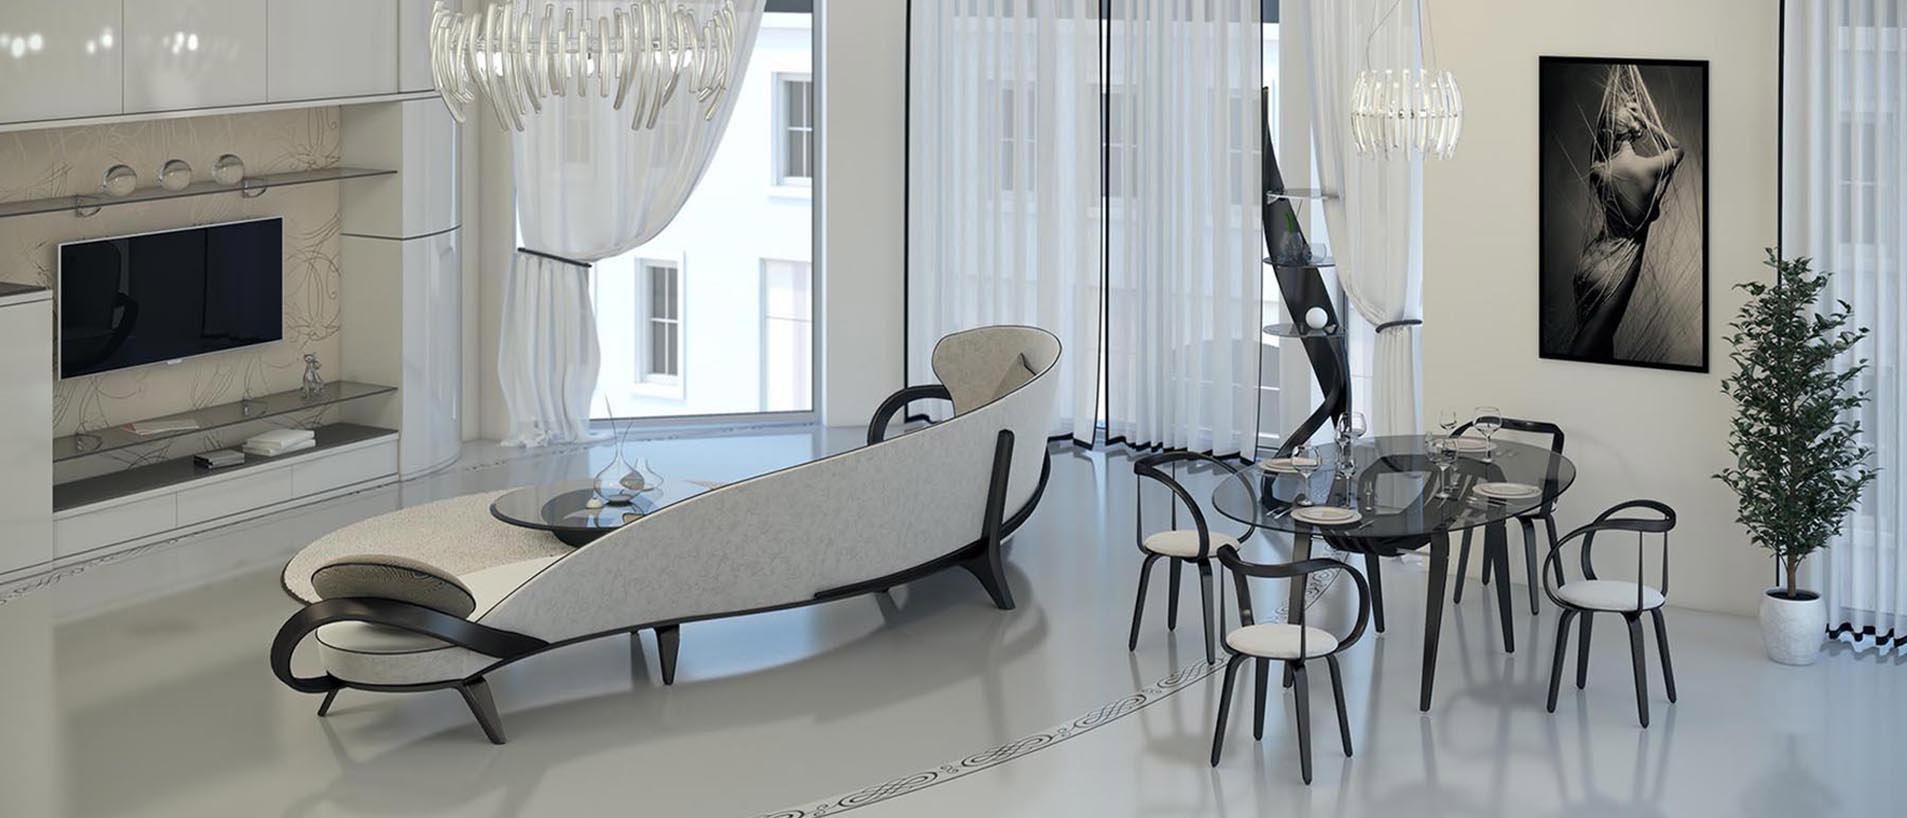 Гостиная-столовая с радиусным диваном